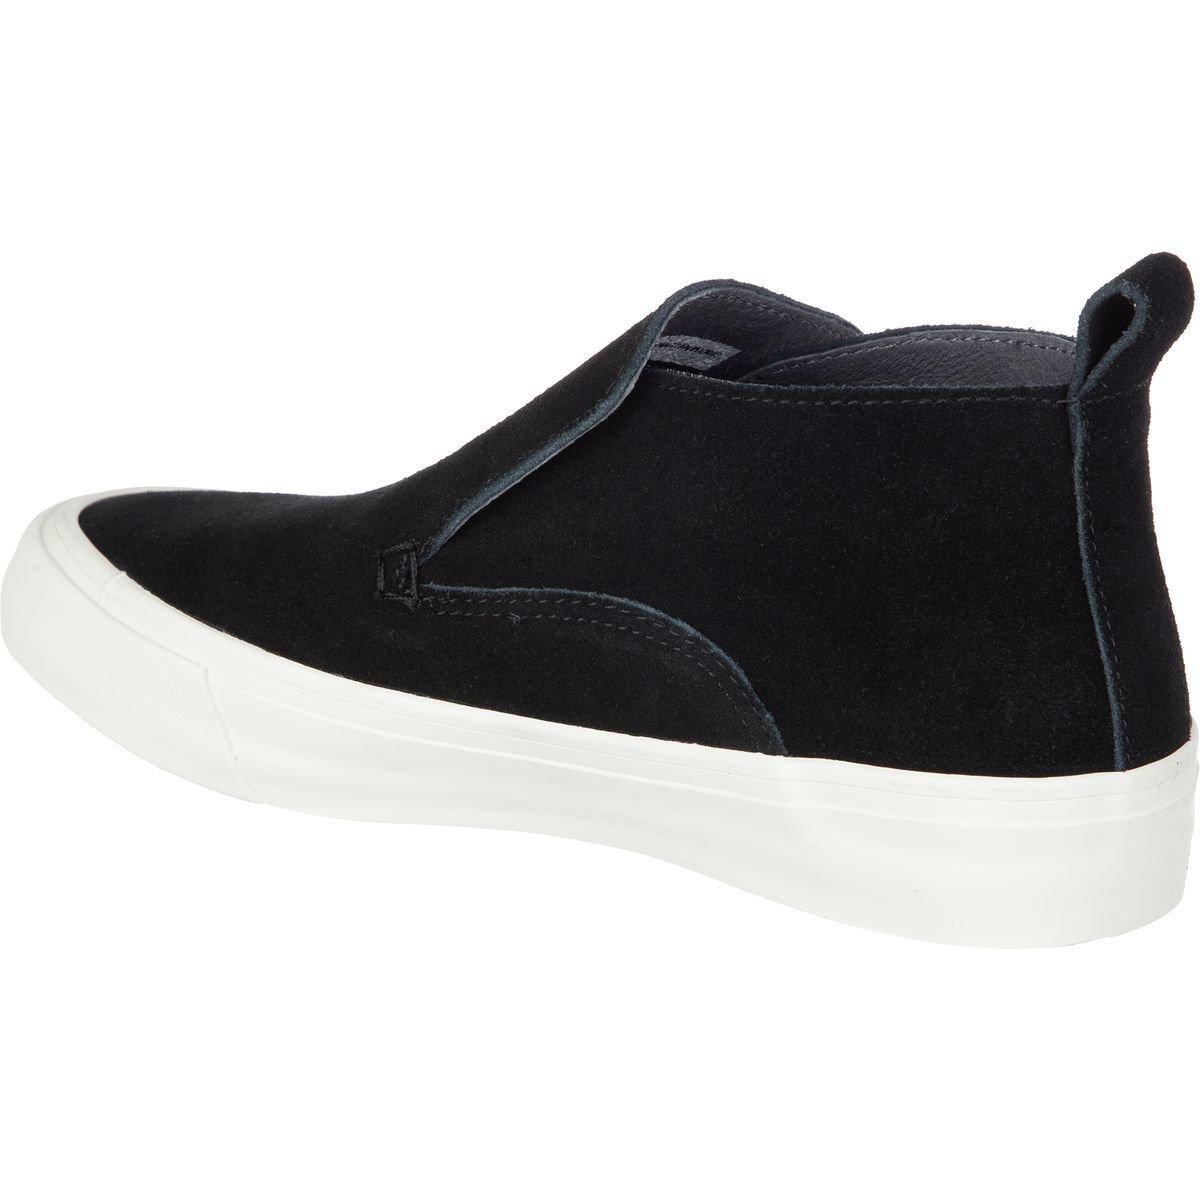 SeaVees Women's Huntington Middie Sneaker B007BQAKHE 11 B(M) US|Black